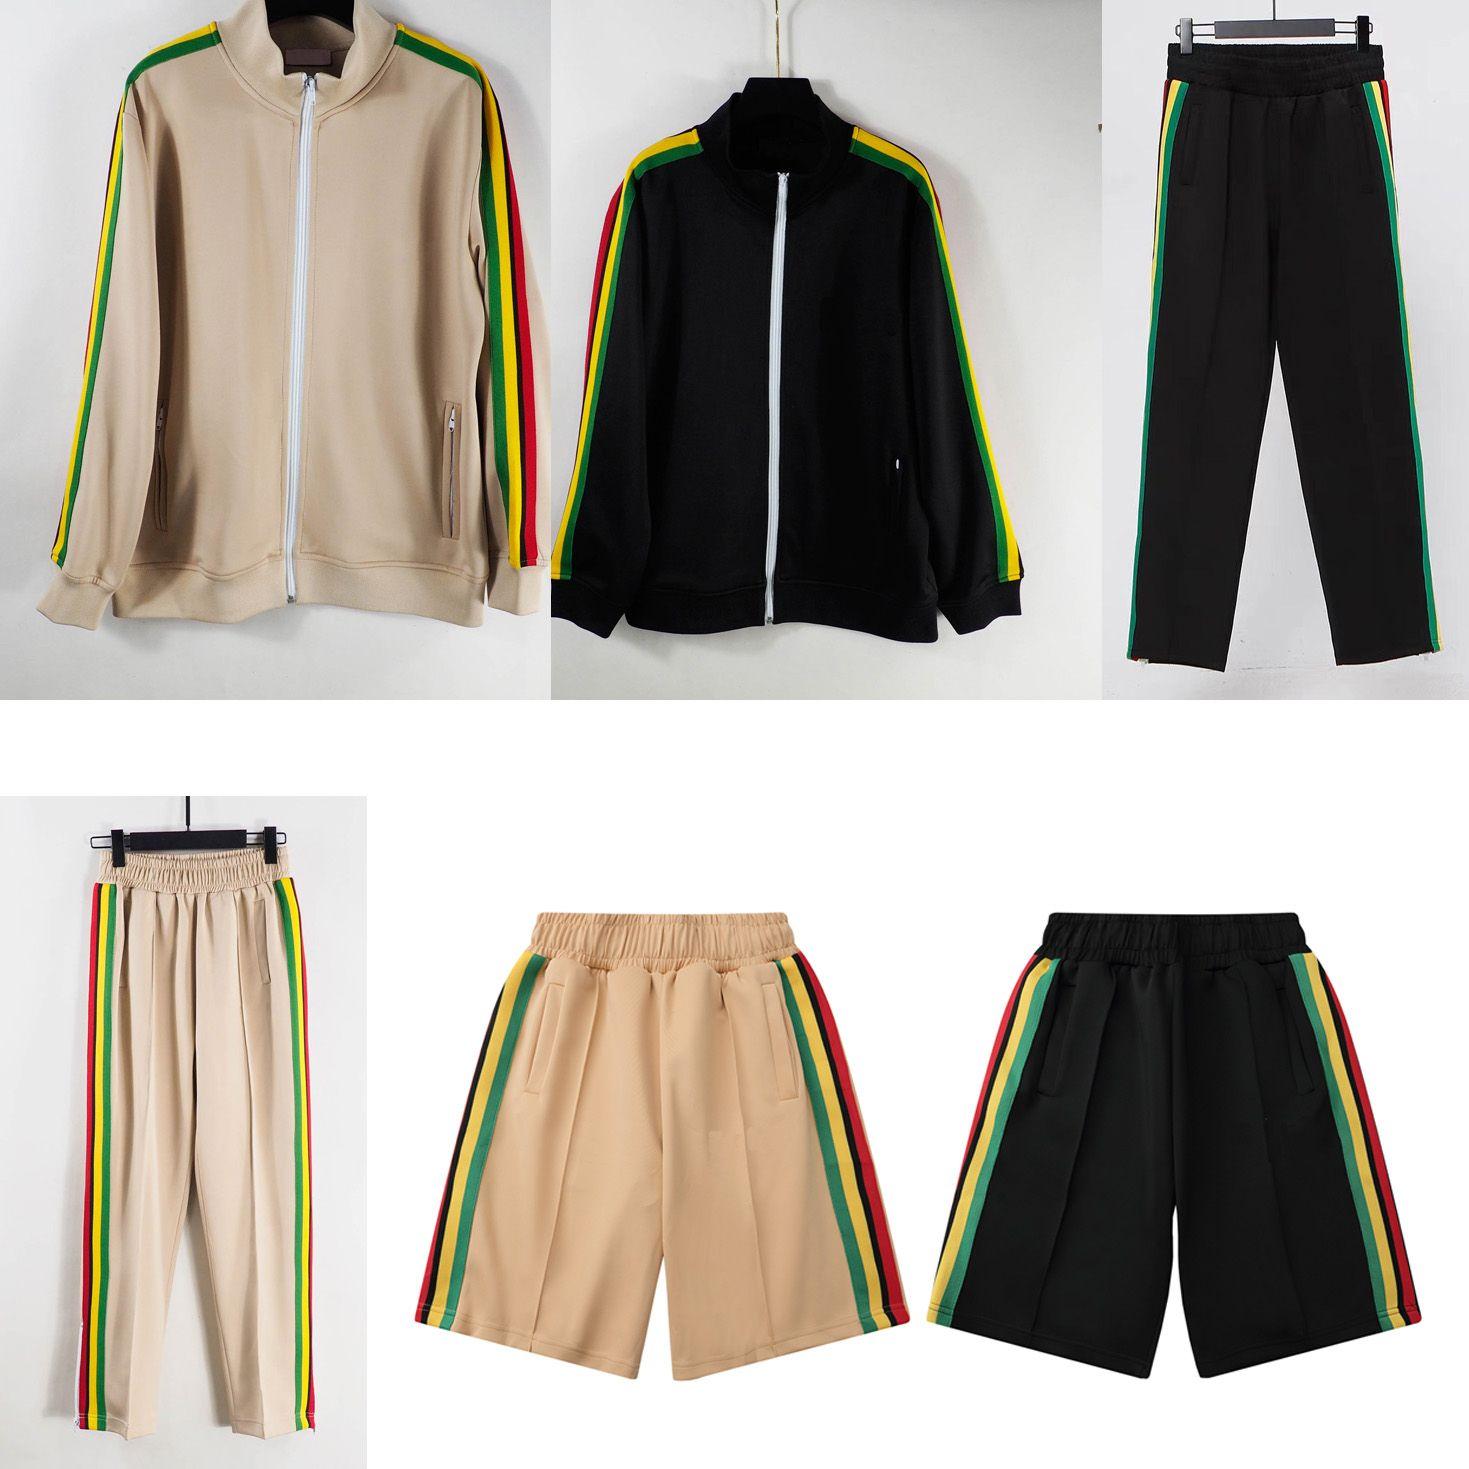 남자 디자이너 옷 2021 망 망복 재킷 까마귀 또는 바지 반바지 남자 s 의류 스포츠 후드 트랙스 유로 사이즈 S-XL